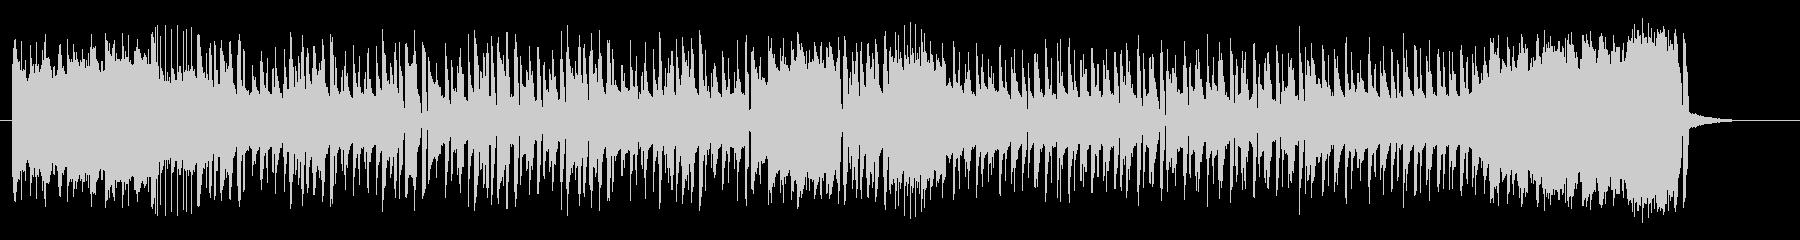 リズミカルなトランペットラテンポップスの未再生の波形